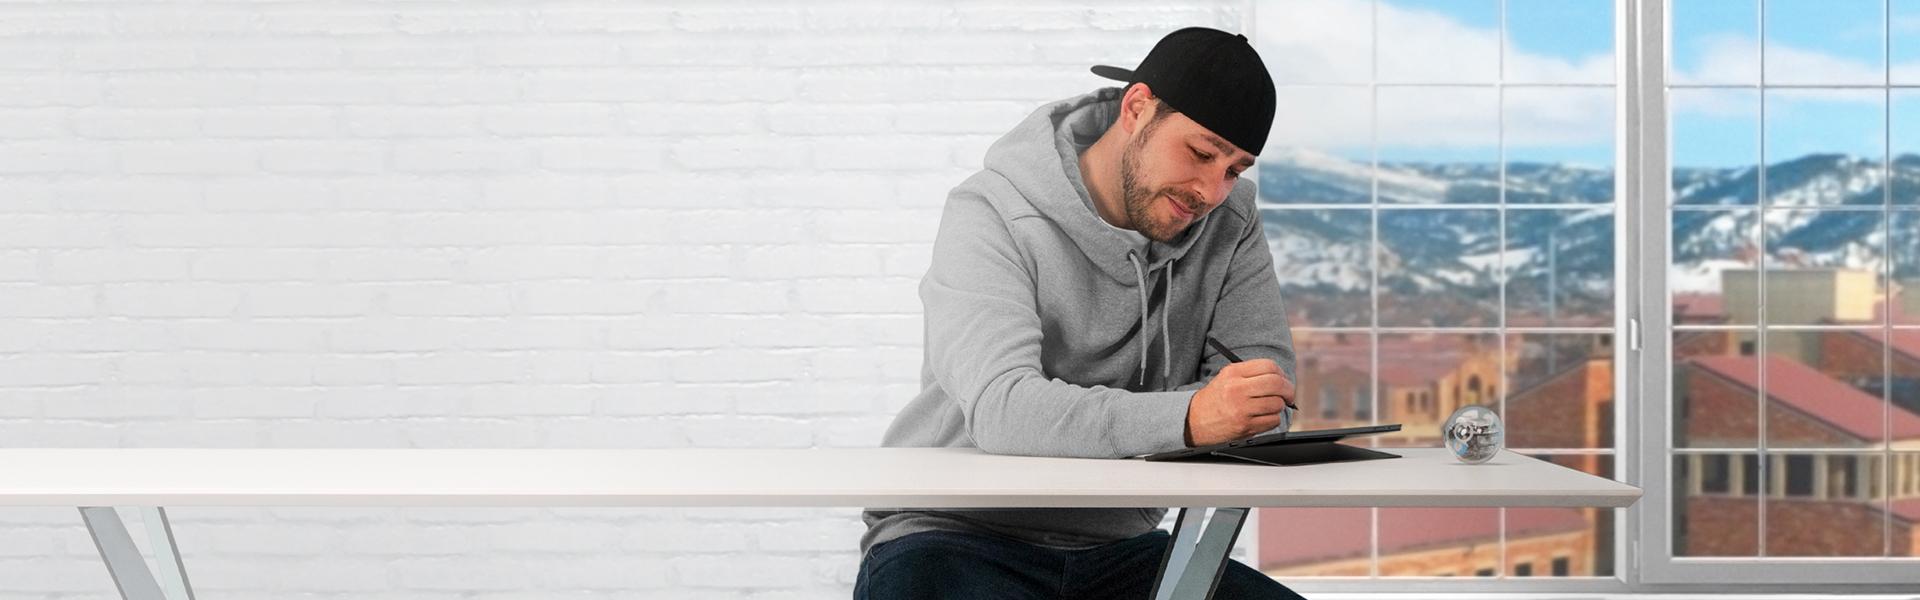 Homme souriant, au travail au bureau avec Surface.